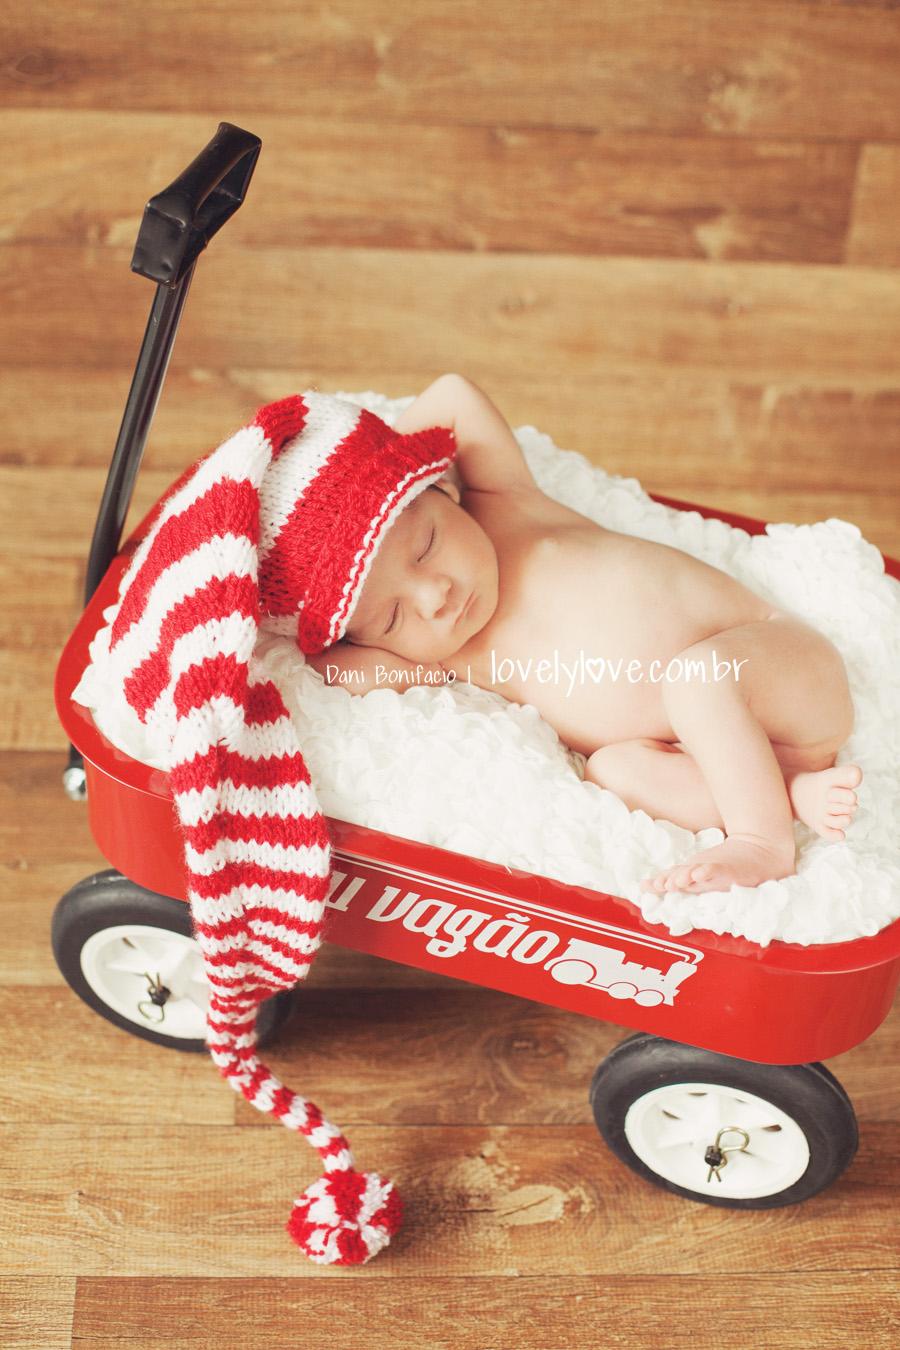 lovelylove-newborn-ensaio-fotografia-fotografa-danibonifacio-balneariocamboriu-2